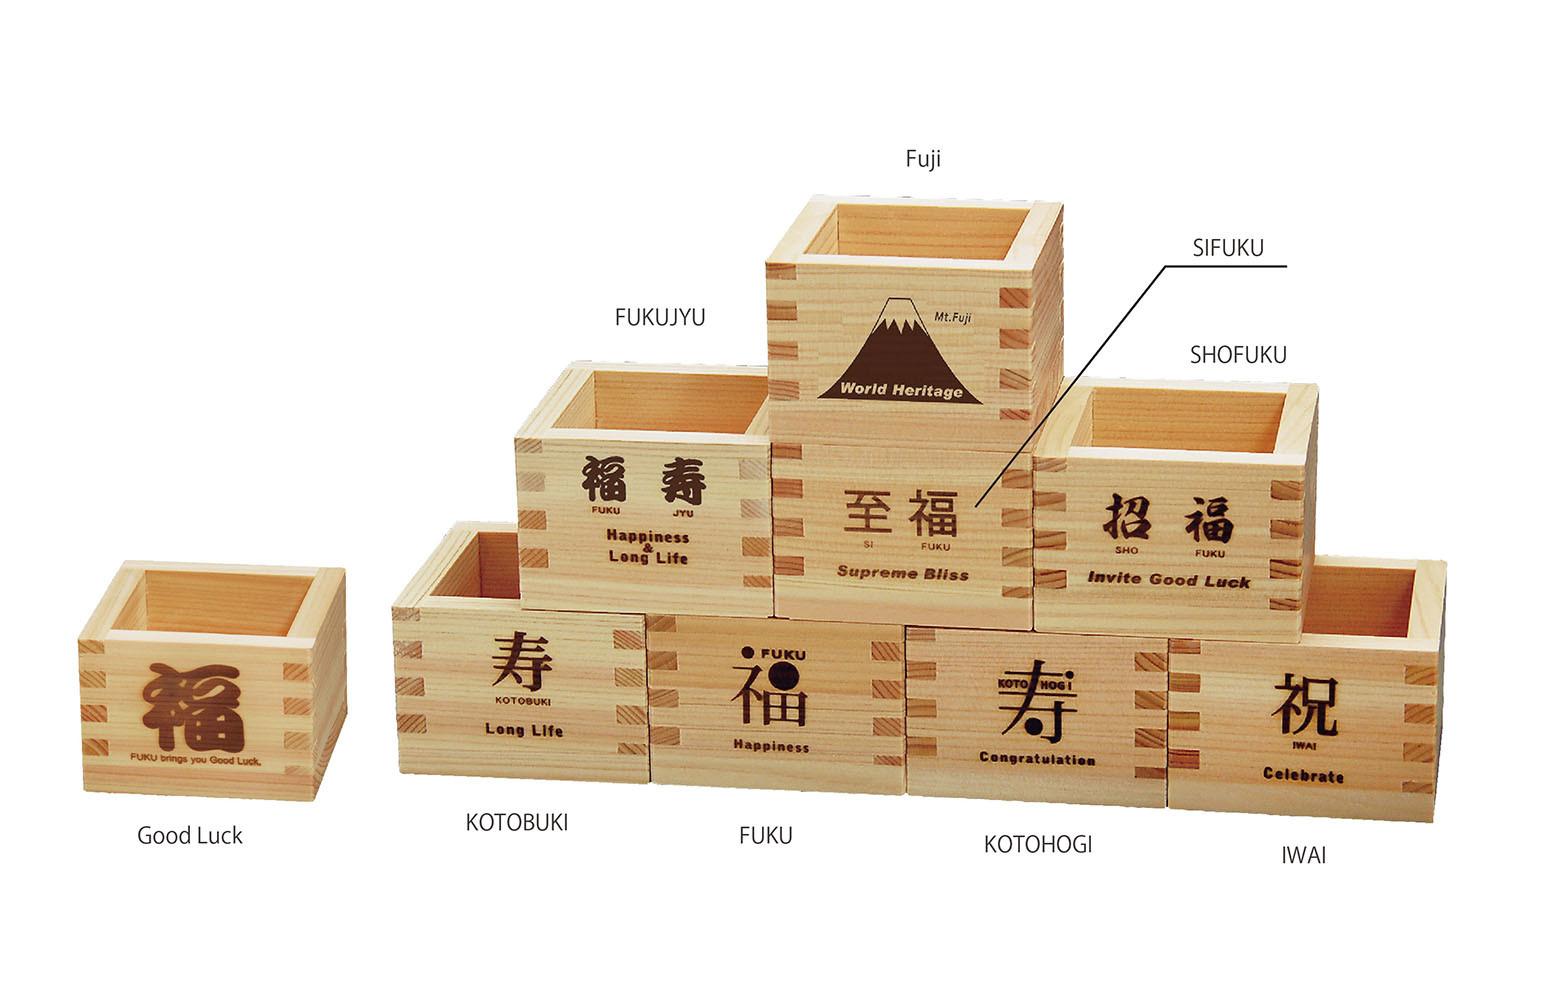 日本 岐阜 清酒檜木枡 (4款)